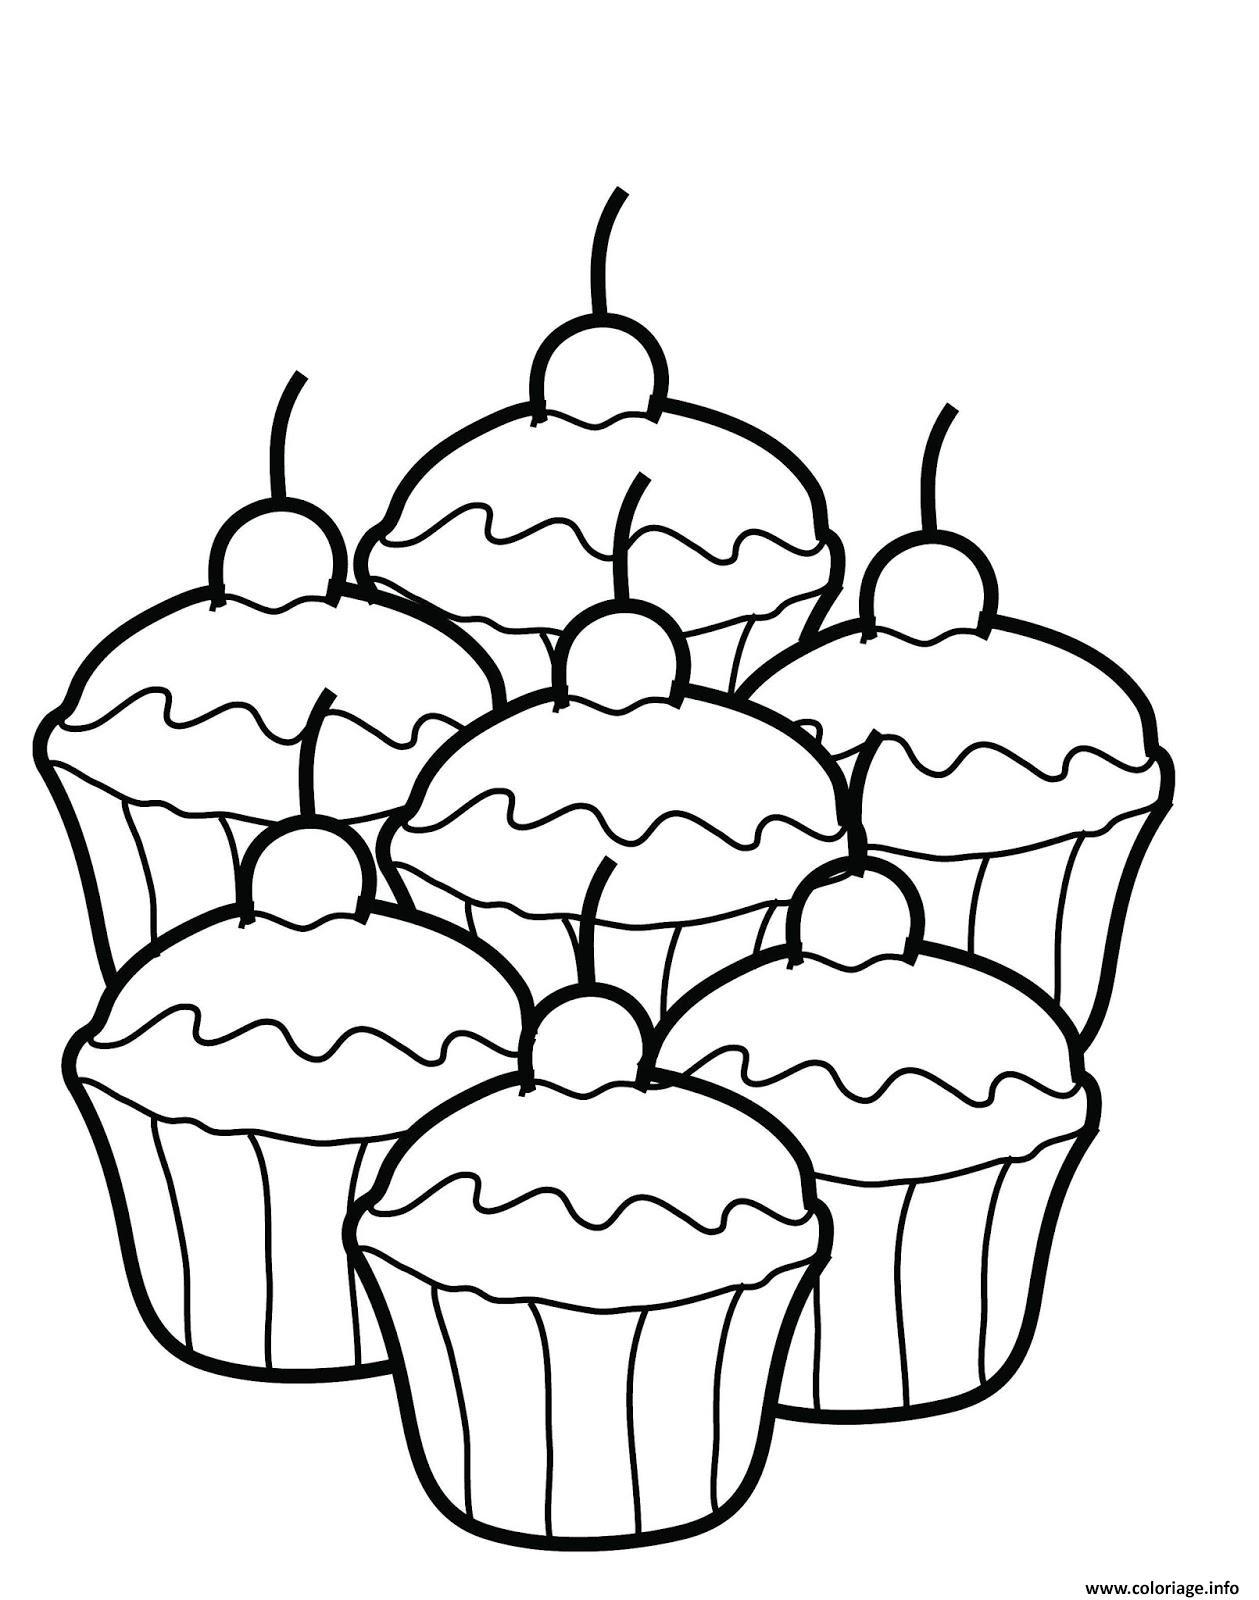 Coloriage quatres cupcakes dessin - Dessin cupcake ...